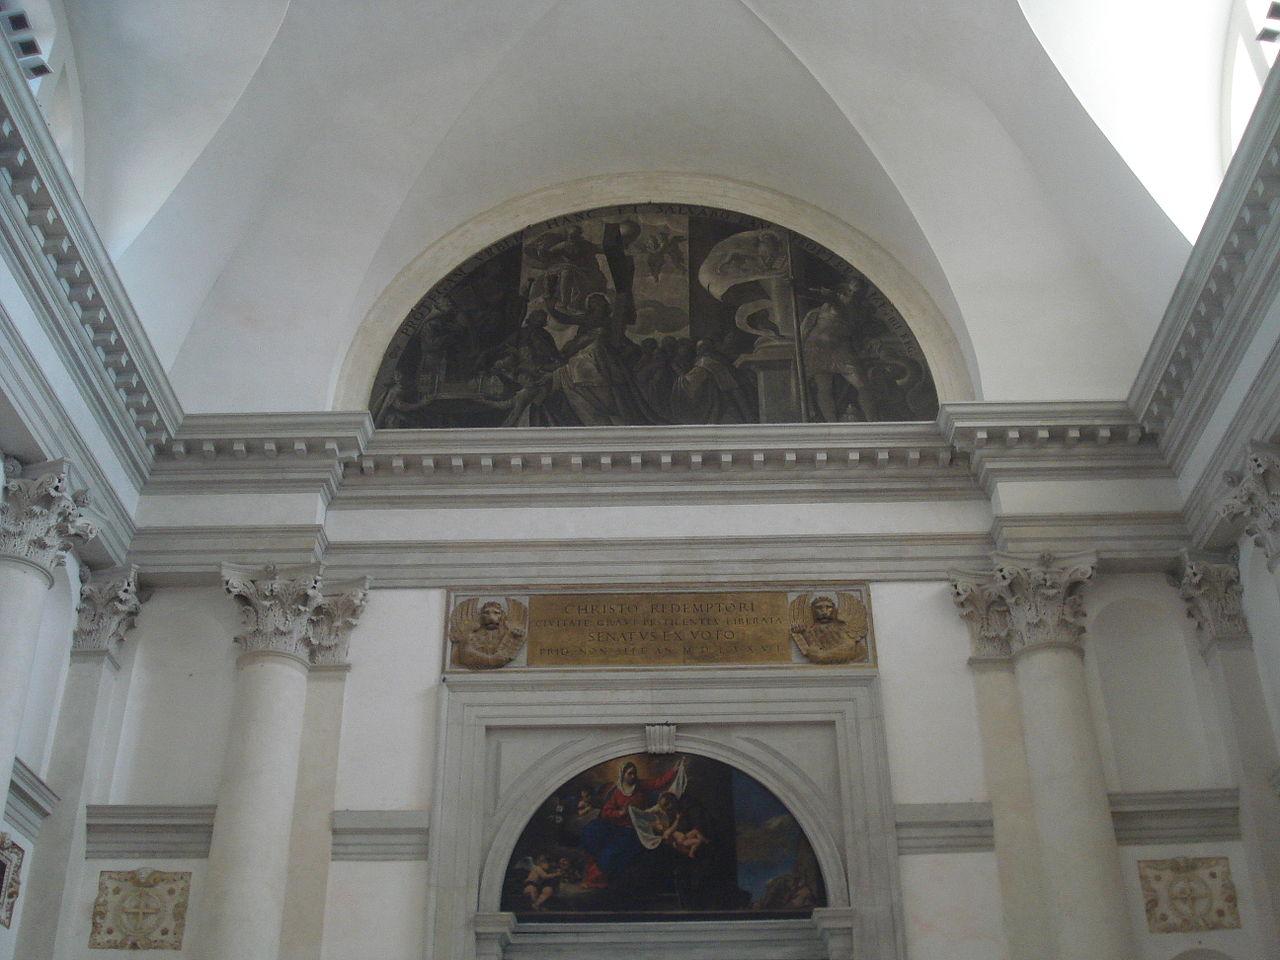 1280px-Basilica_del_Santissimo_Redentore_Interior4